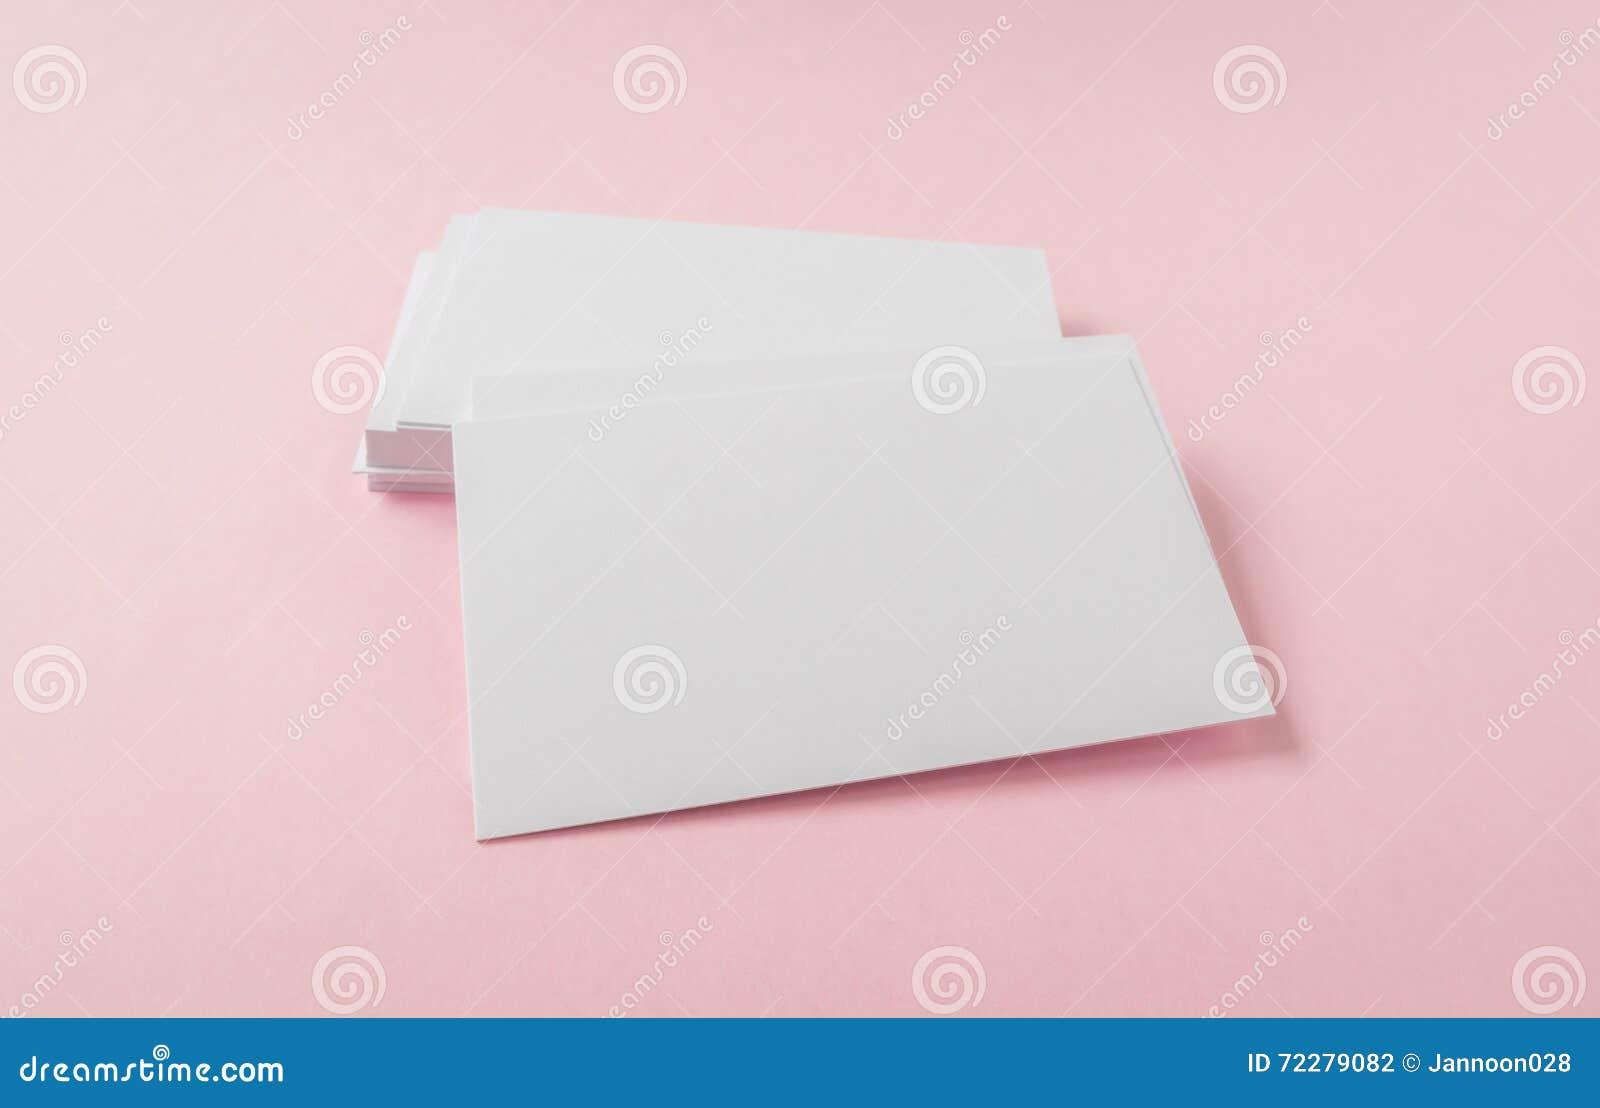 Пустая визитная карточка на розовой предпосылке